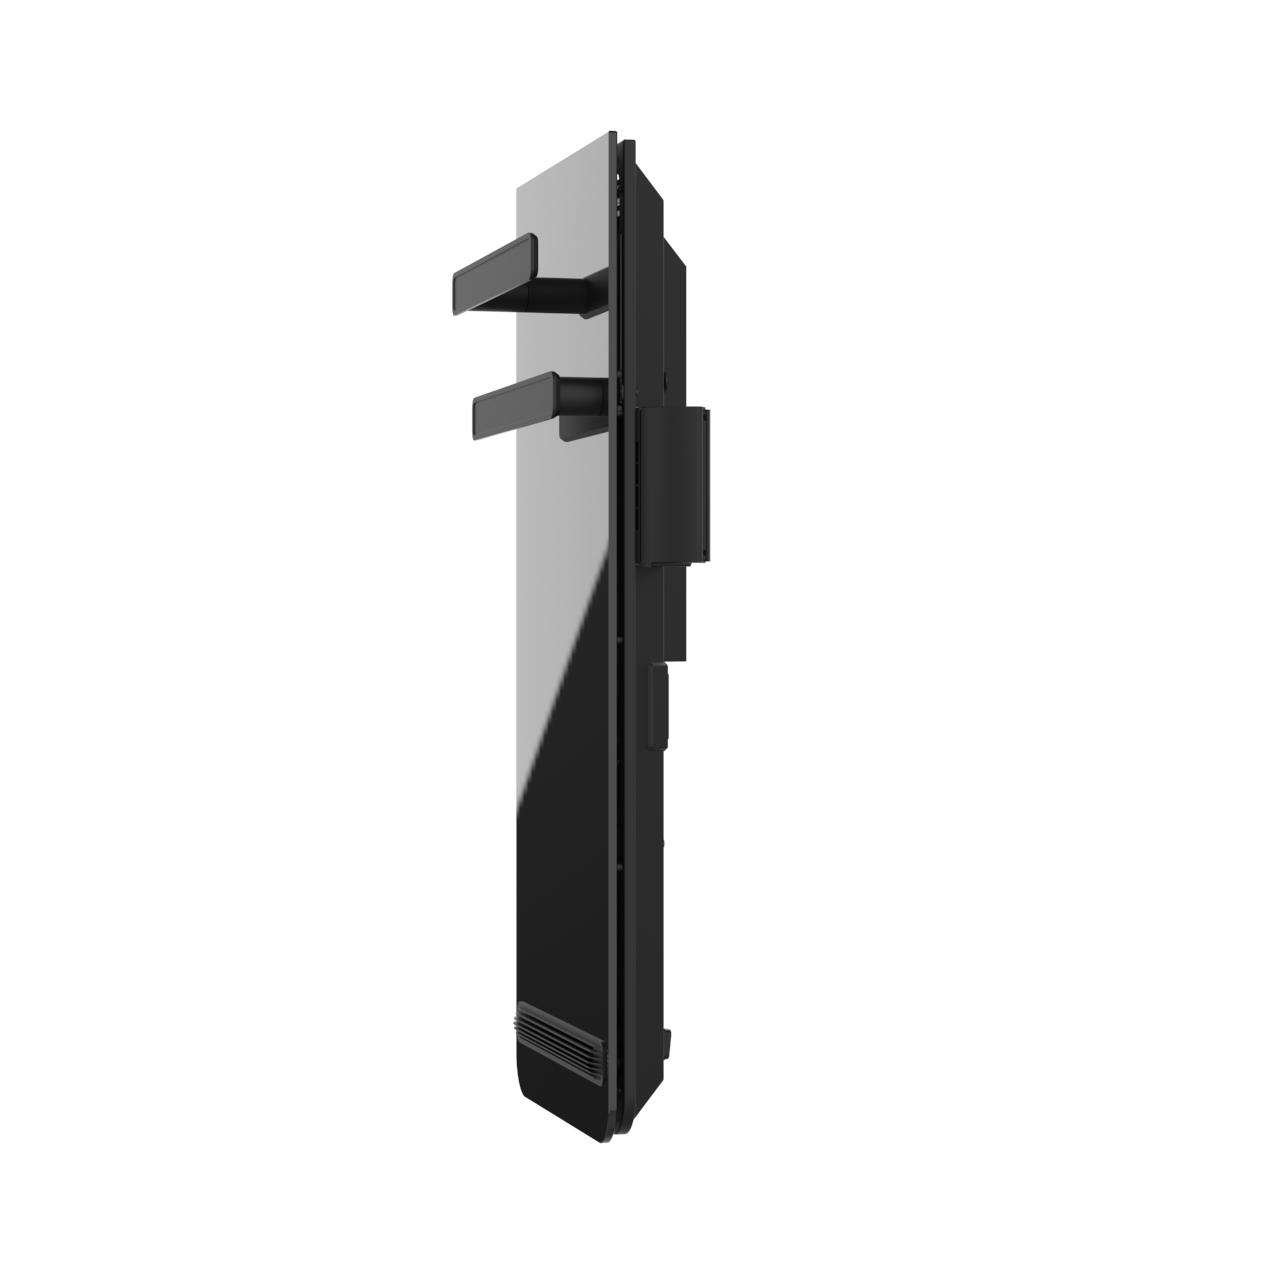 Image 3vision 360 degrés du produit CAMPAVER BAINS KYOTO 3.0